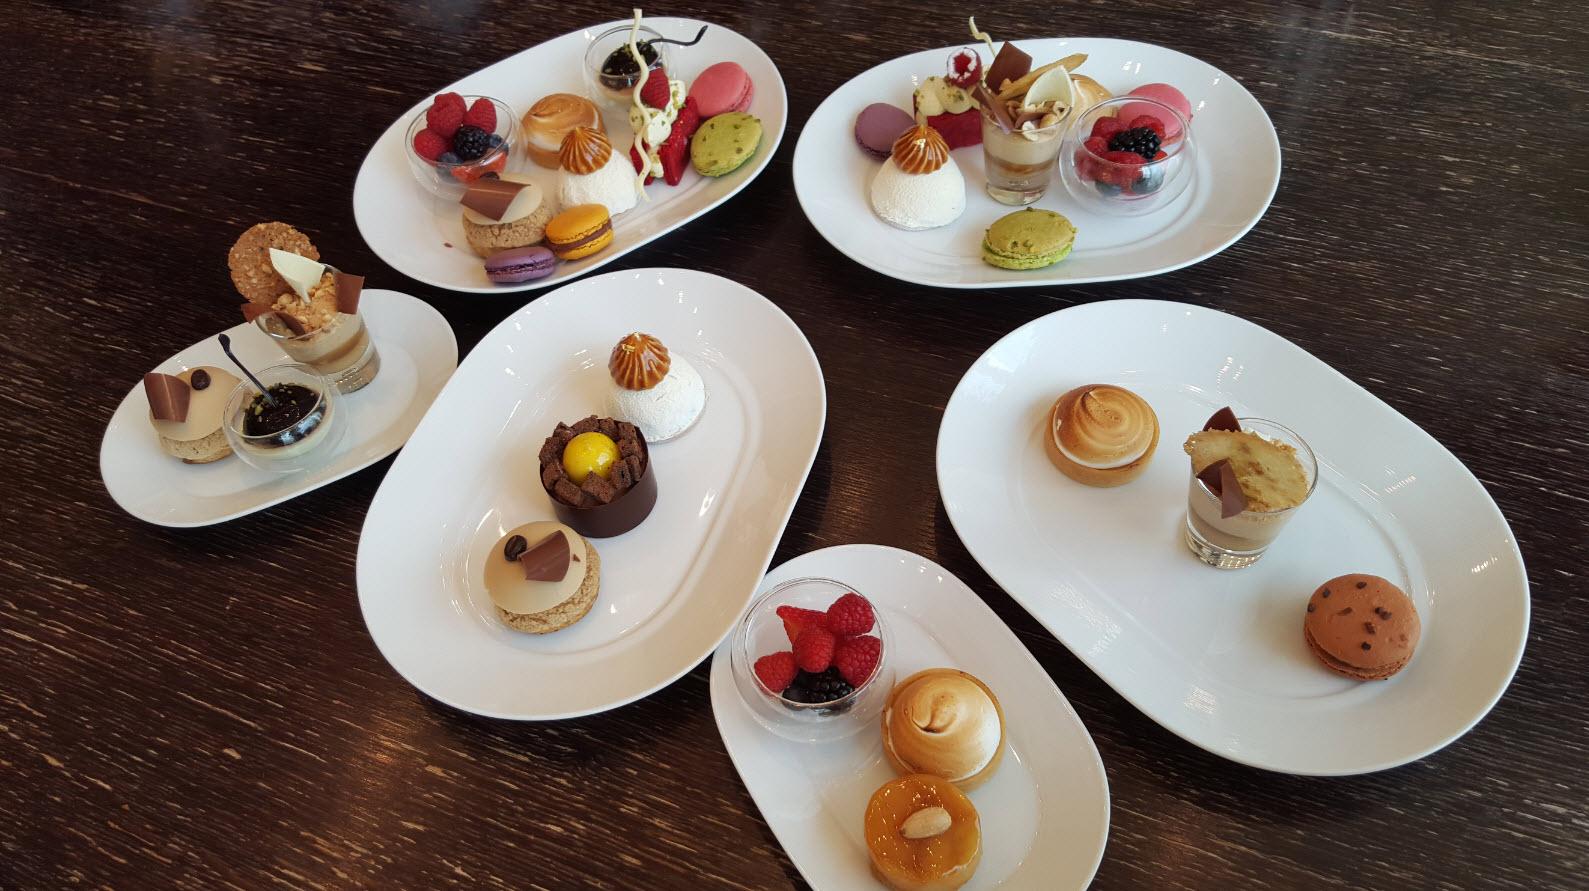 Assiettes avec les desserts du brunch a Geneve